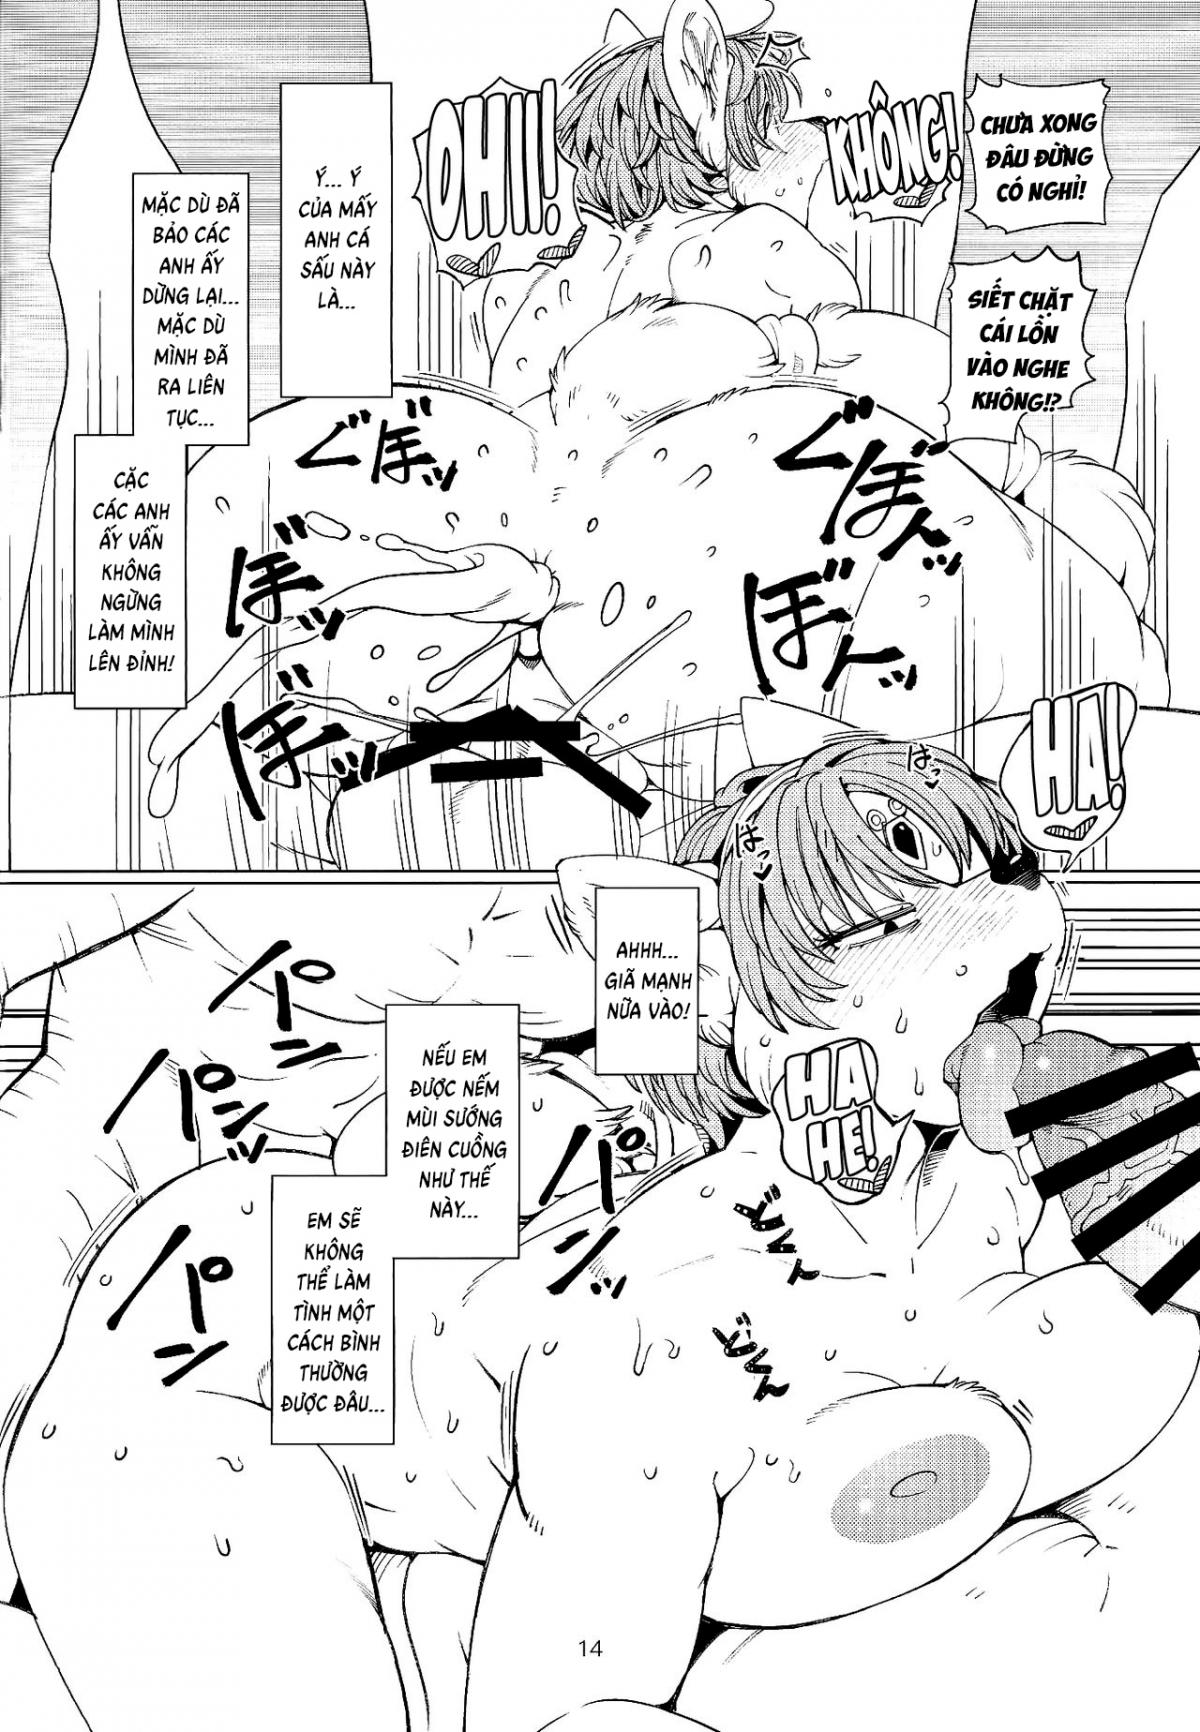 Hình ảnh  trong bài viết [Hentai Thú Vật] Foxy Ngực Big Boobs